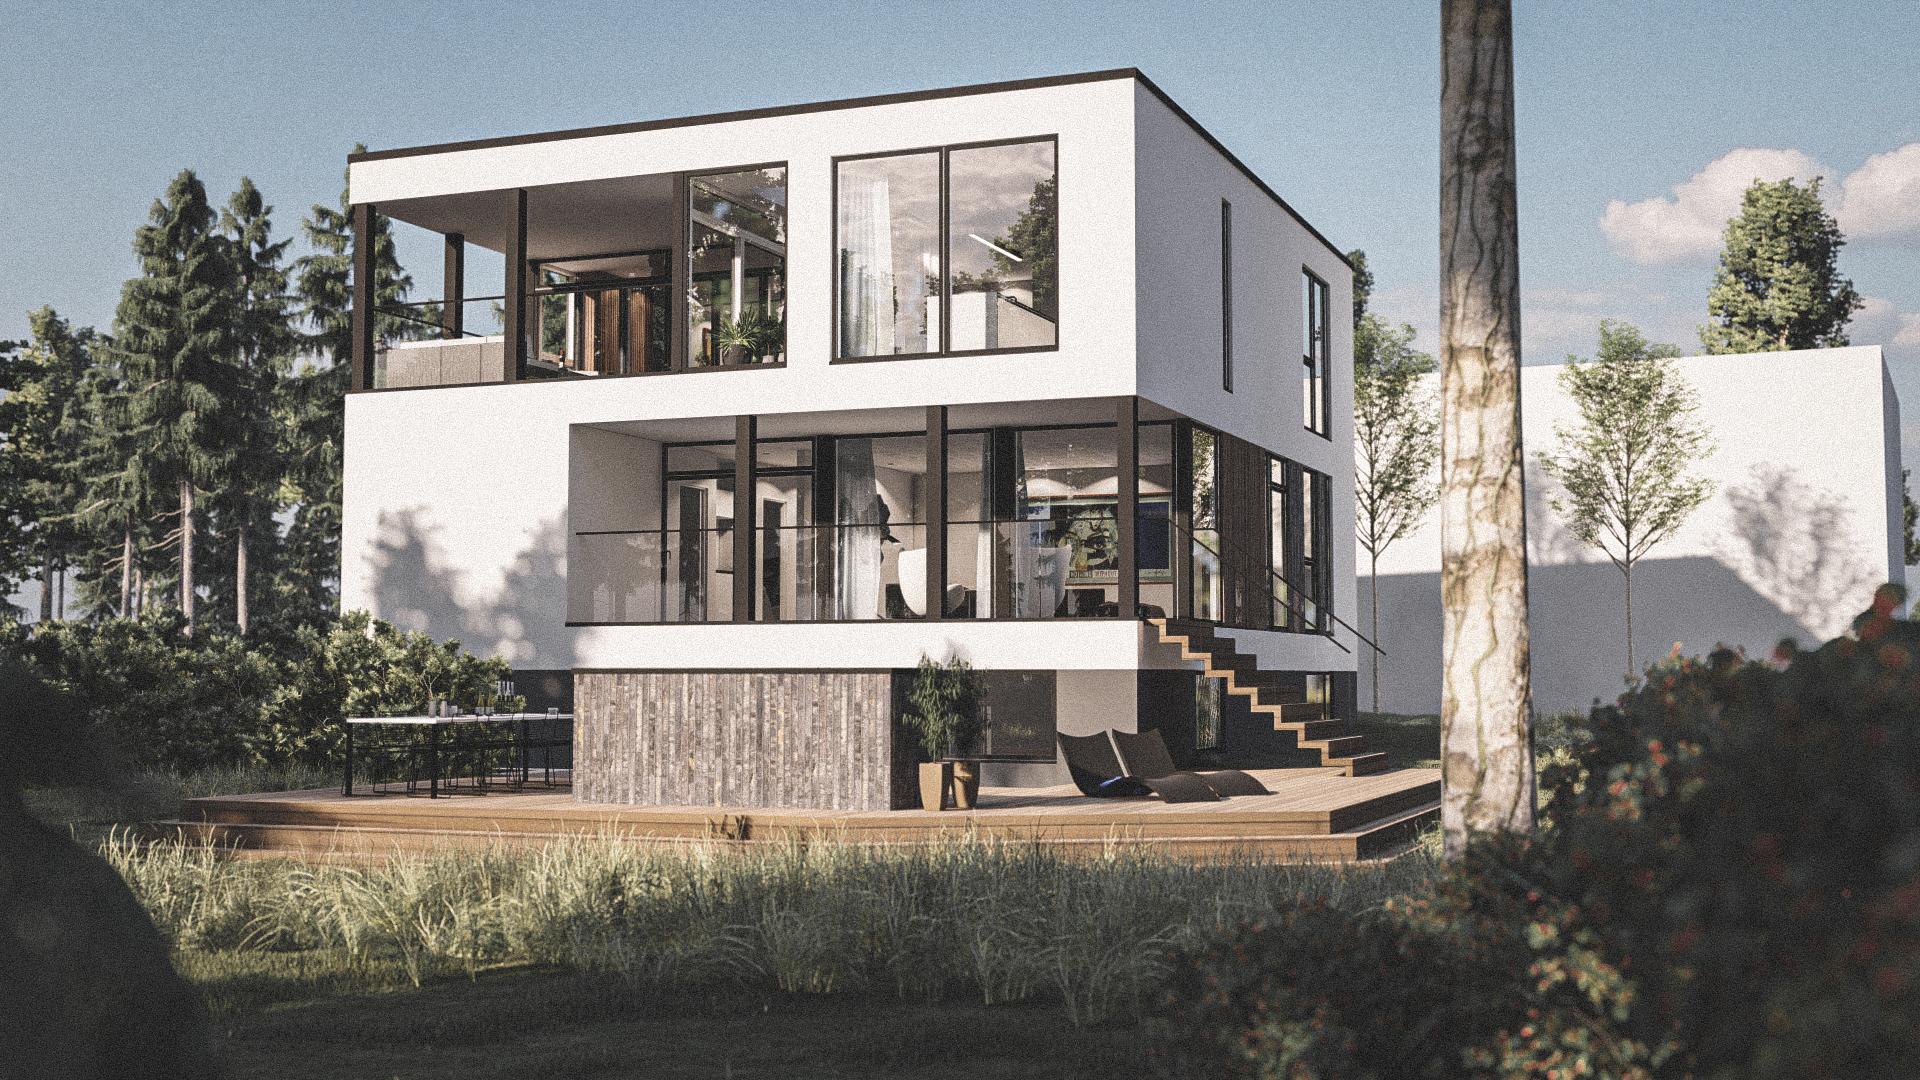 Billede af Dansk arkitekttegnet 2 plan villa af arkitektfirmaet m2plus, i Børkop på 332 kvartratmeter.